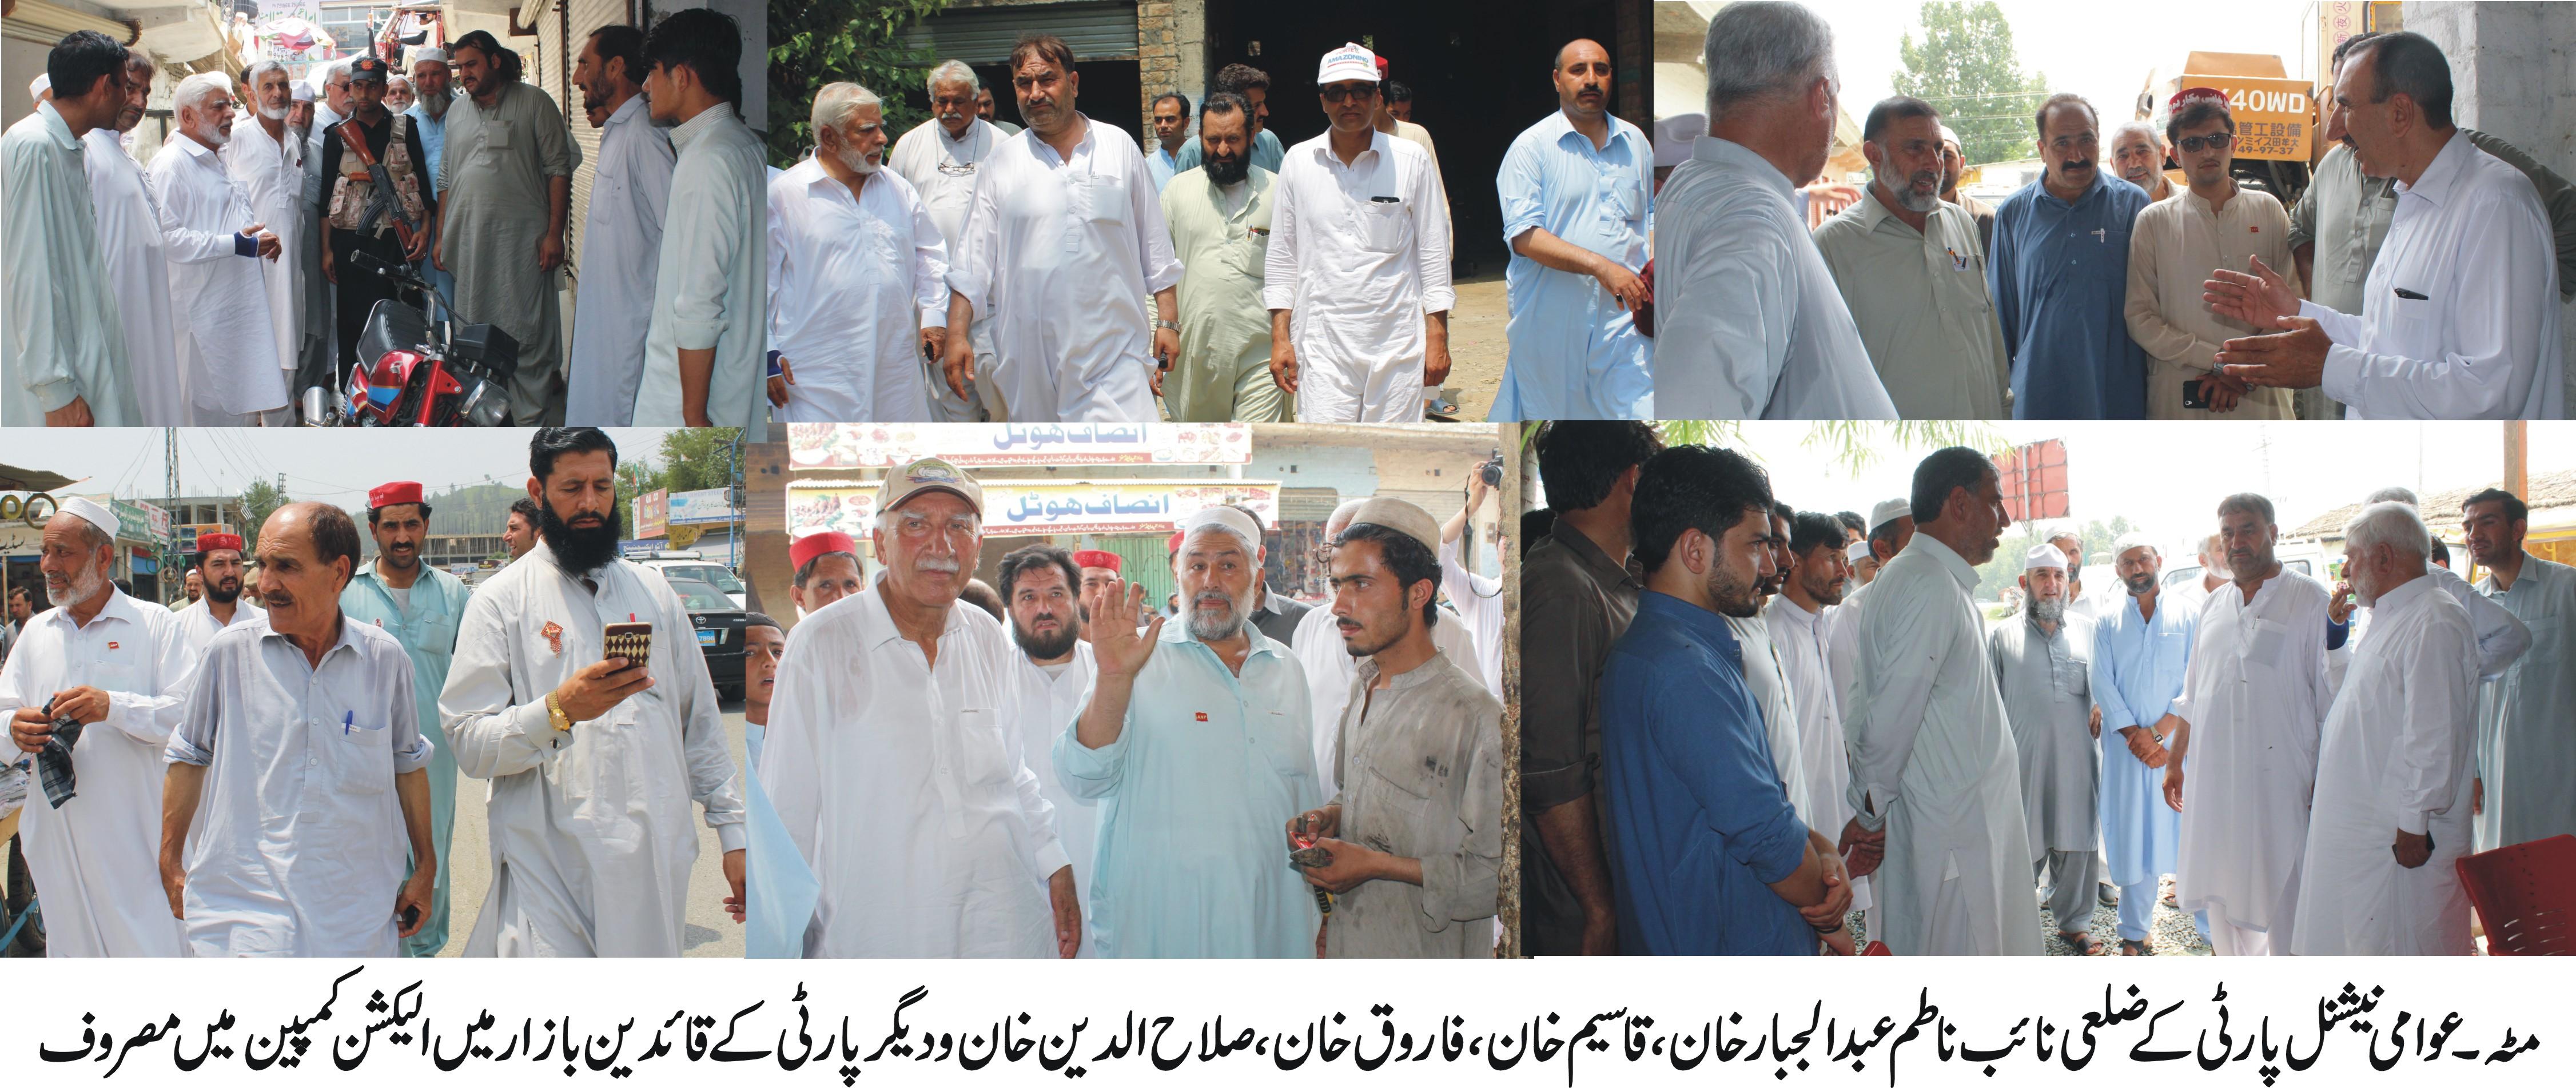 اے این پی کا مٹہ بازار میں الیکشن مہم ، تاجر برداری کا اے این پی امیدواروں کا بھرپور ساتھ دینے کا فیصلہ